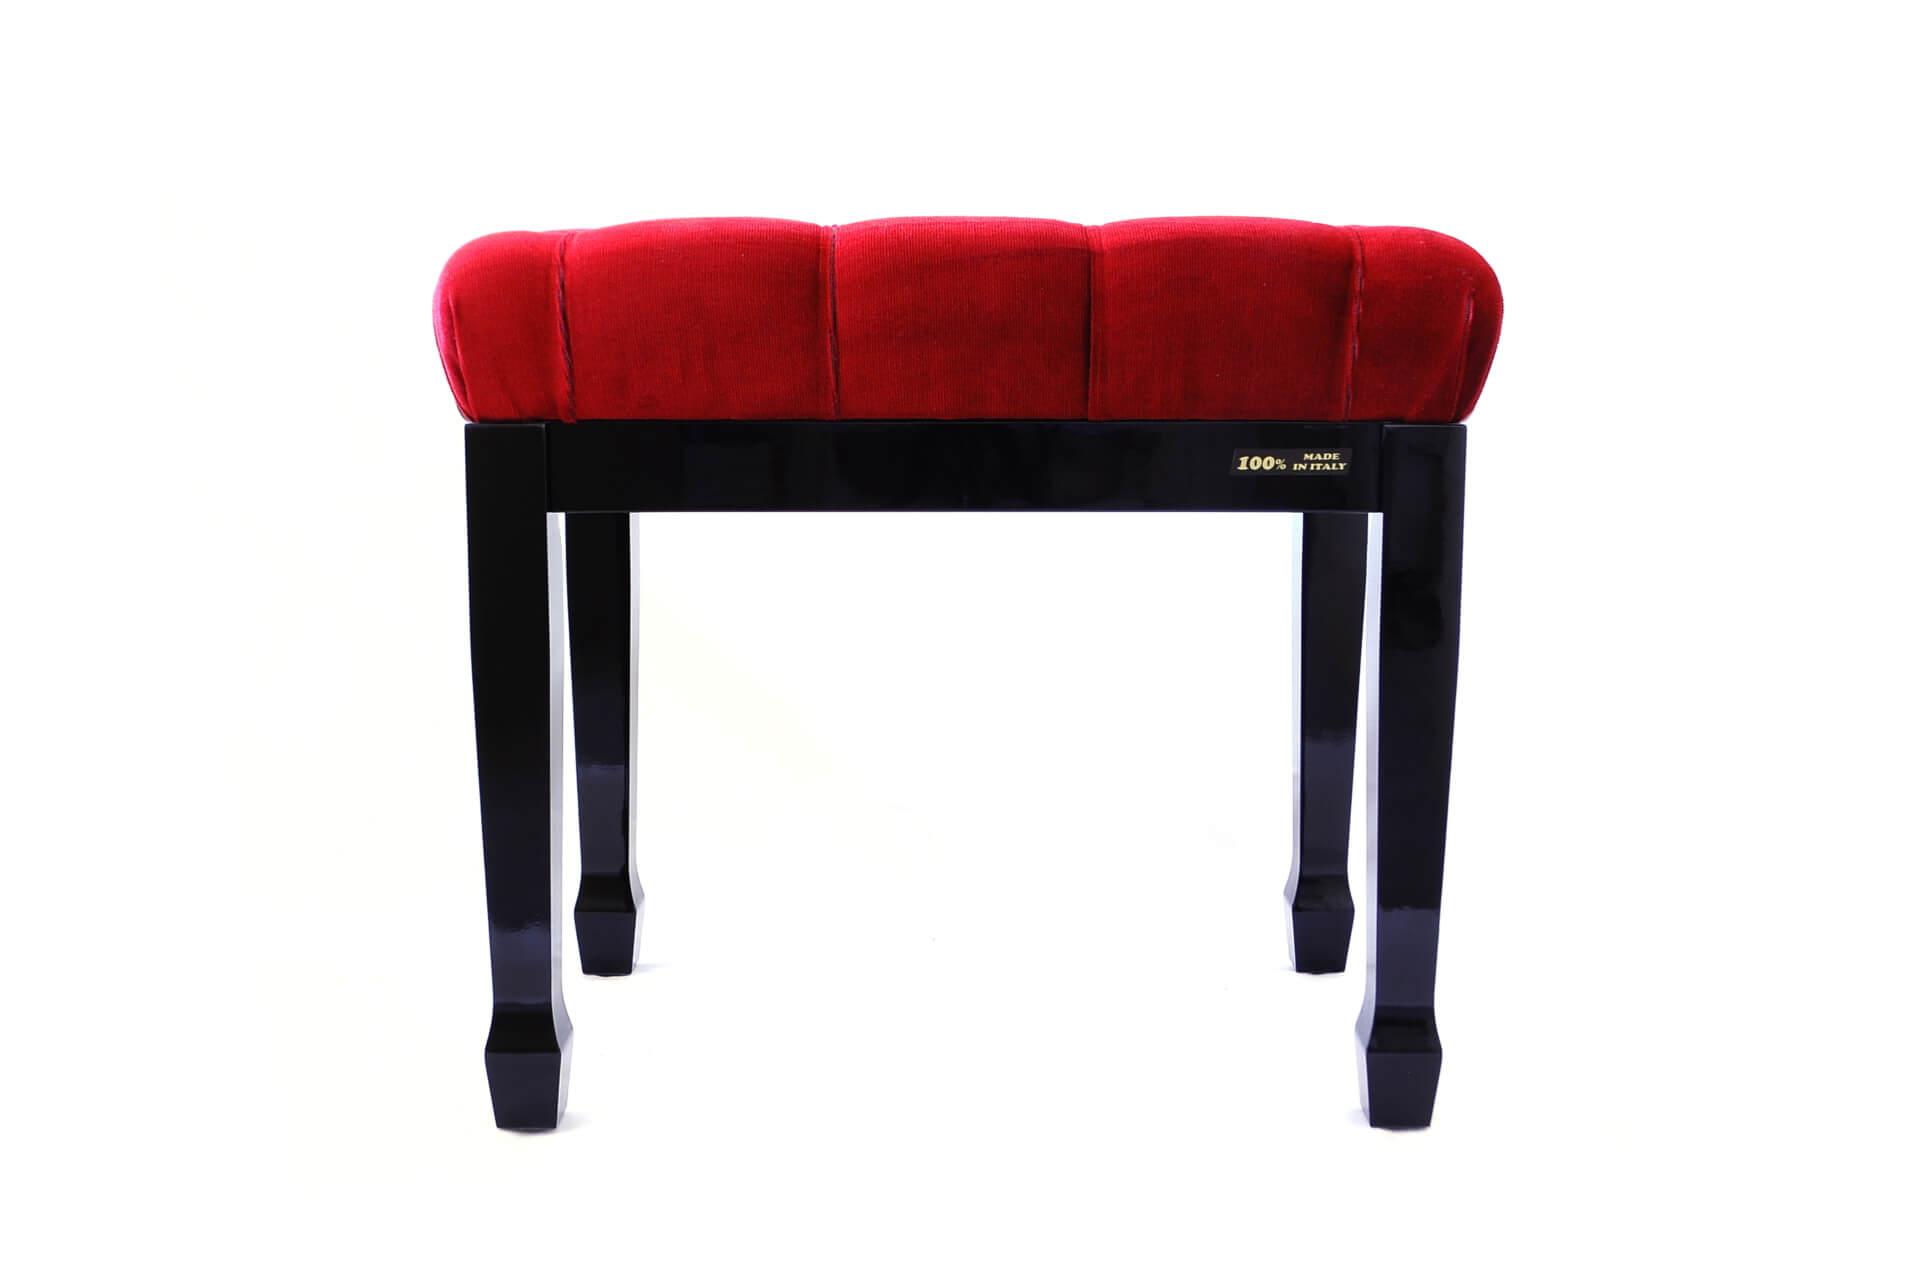 tabouret de piano de concert puccini velours rouge. Black Bedroom Furniture Sets. Home Design Ideas